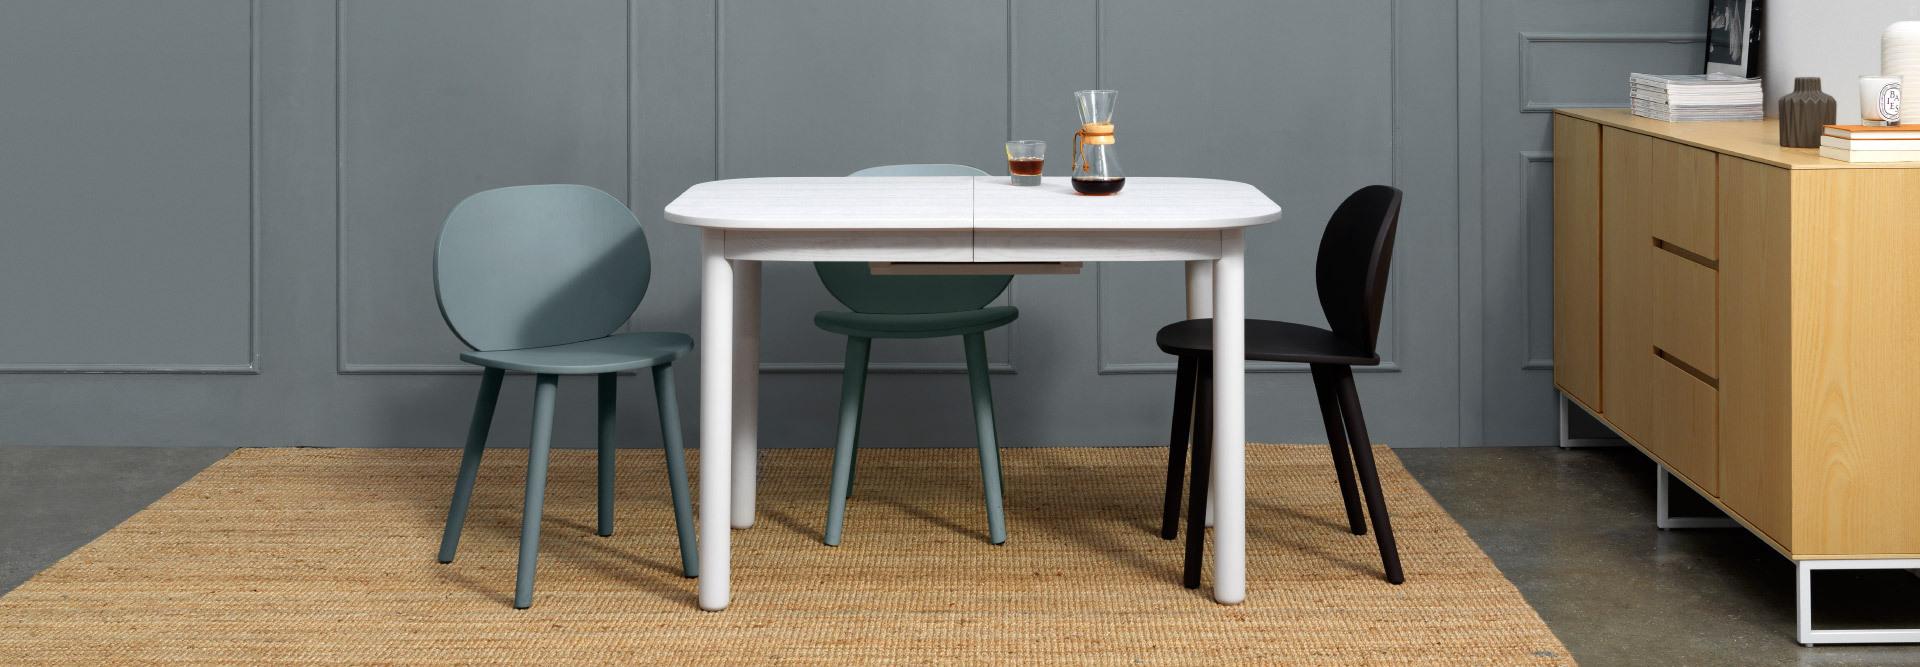 灵动收敛,兼具颜值与功能性的漂亮伸缩桌